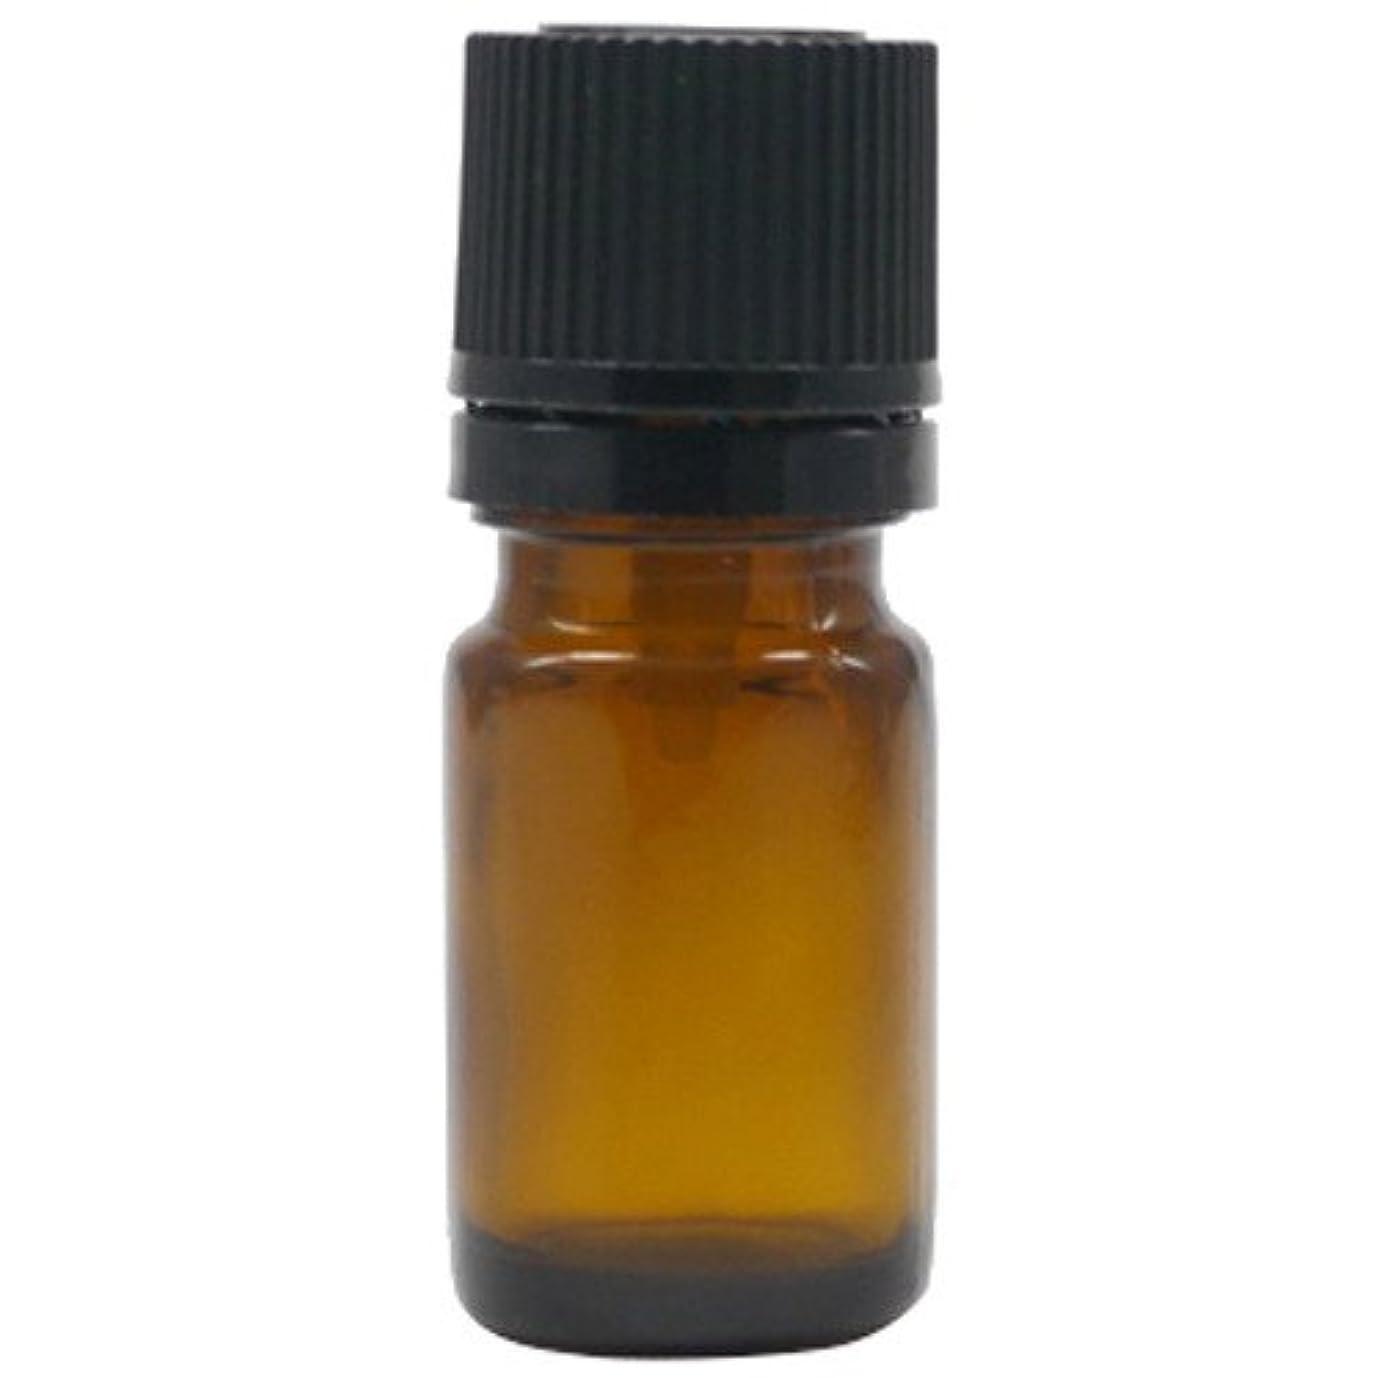 麻酔薬活気づける利益アロマアンドライフ (K)茶瓶5mlドロップ栓黒キャップ 3本セット